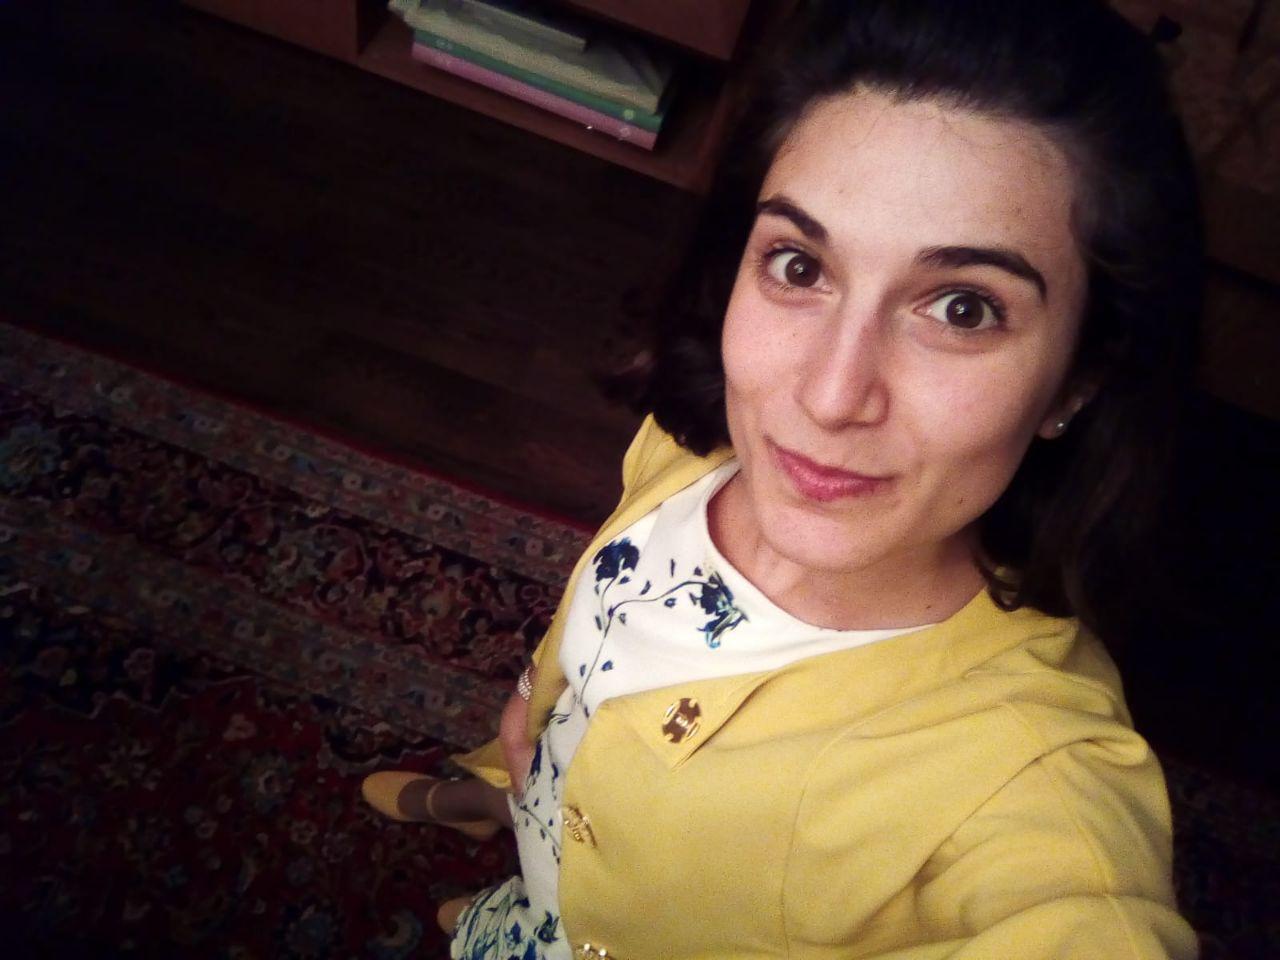 Lucia Vespe